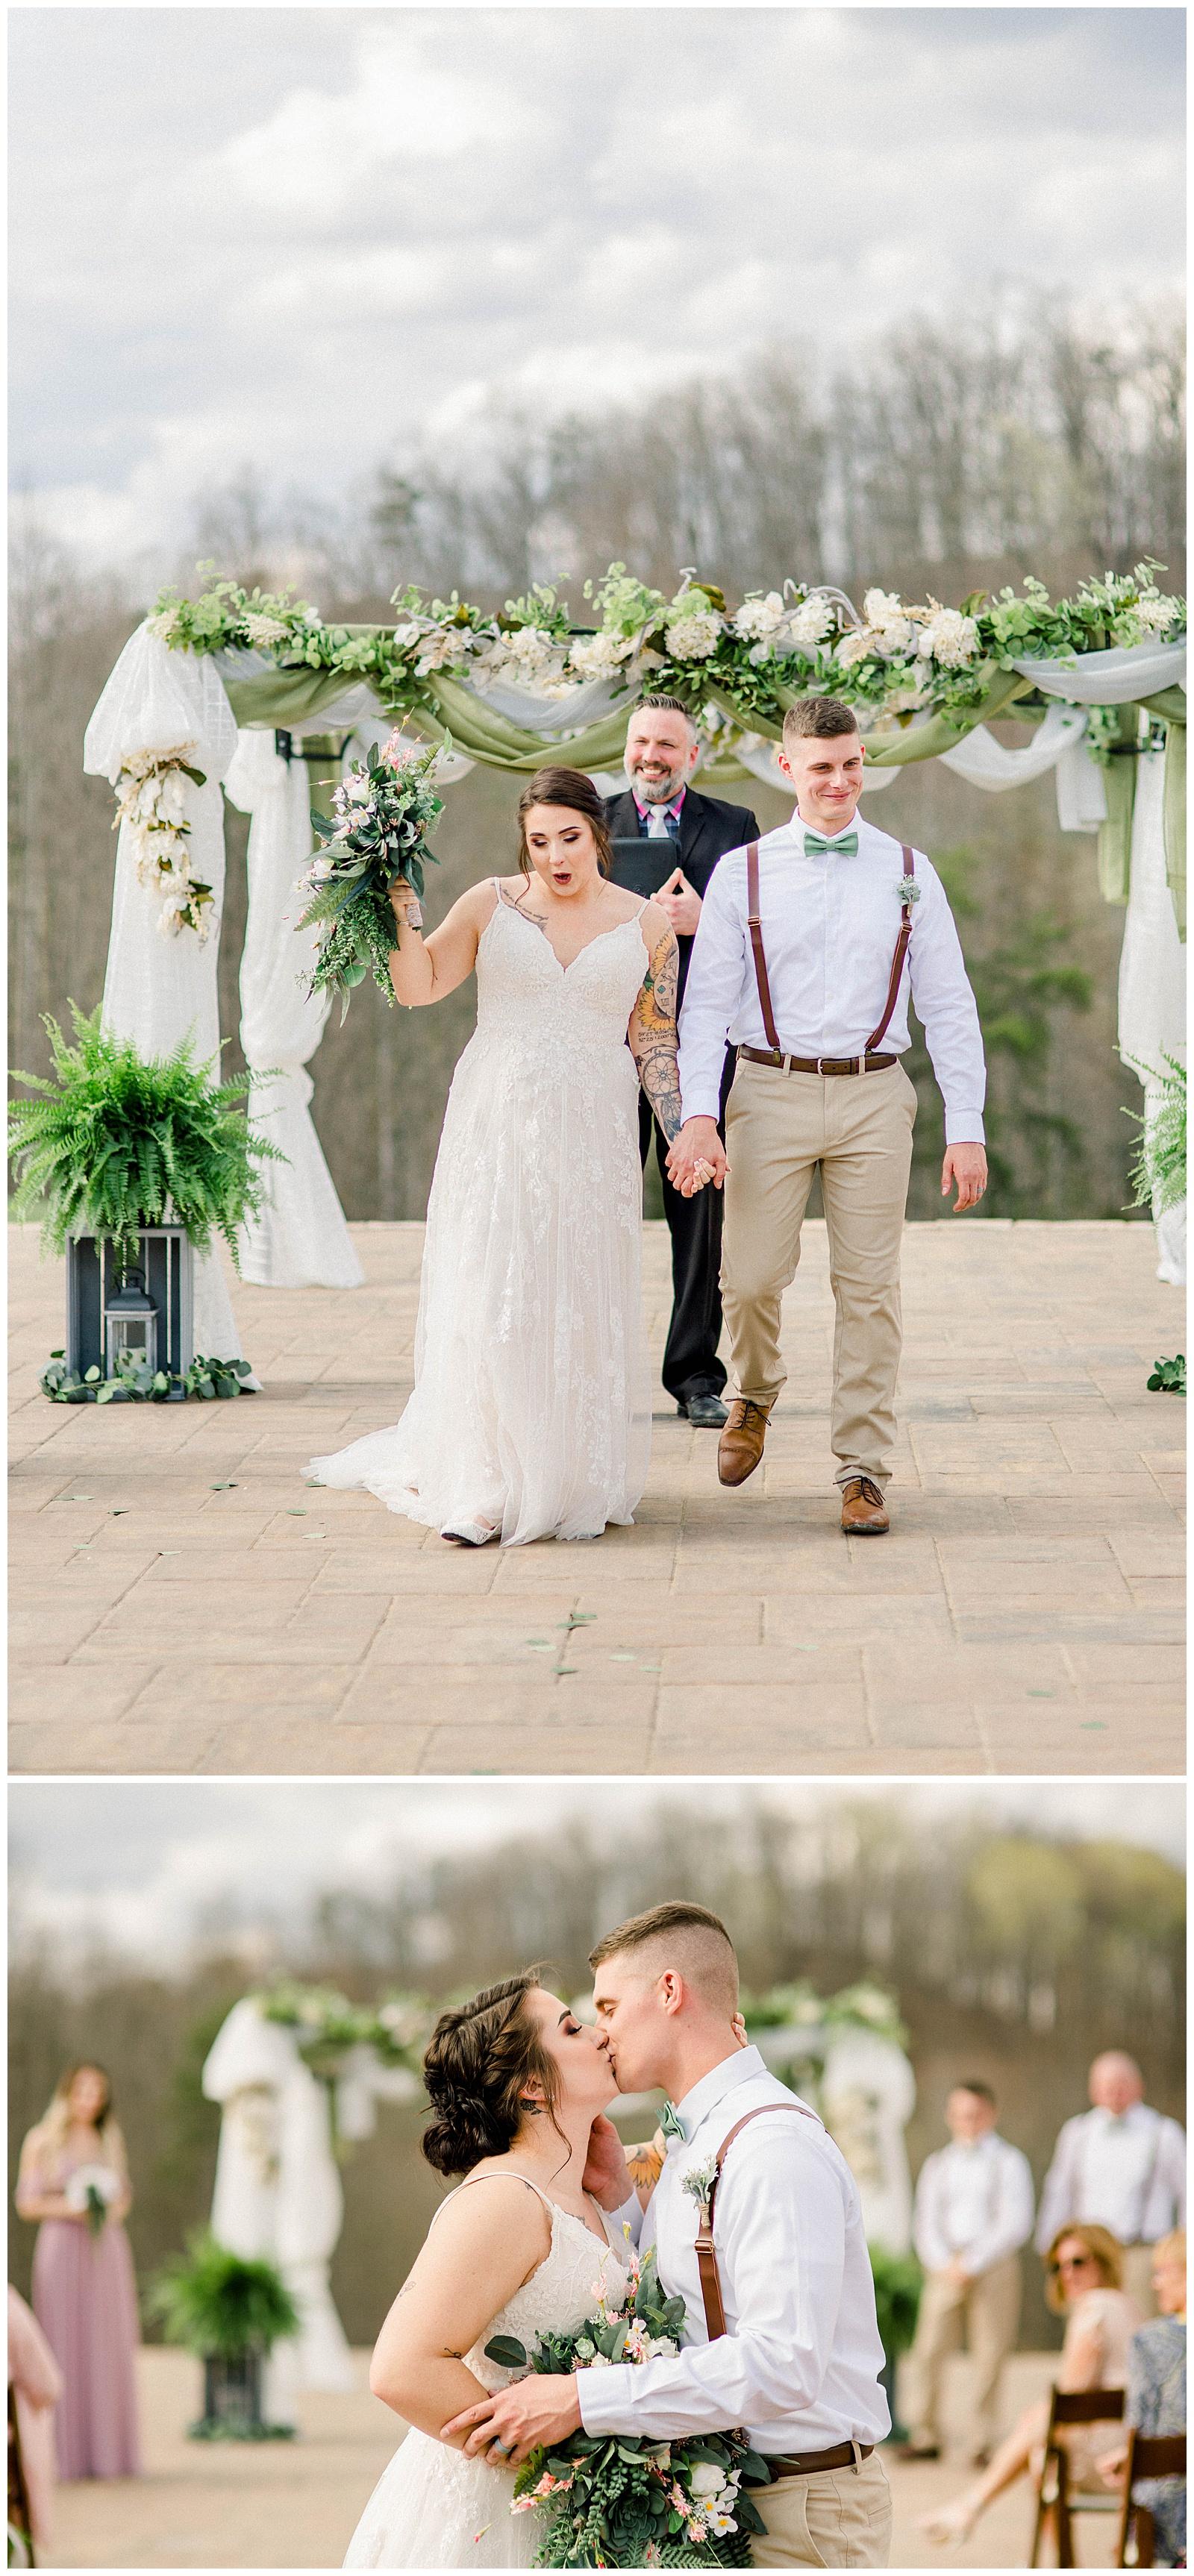 Lewis-Kara-Blakeman-Photography-Huntington-West-Virginia-Wedding-Barn-Olde-Homestead-29